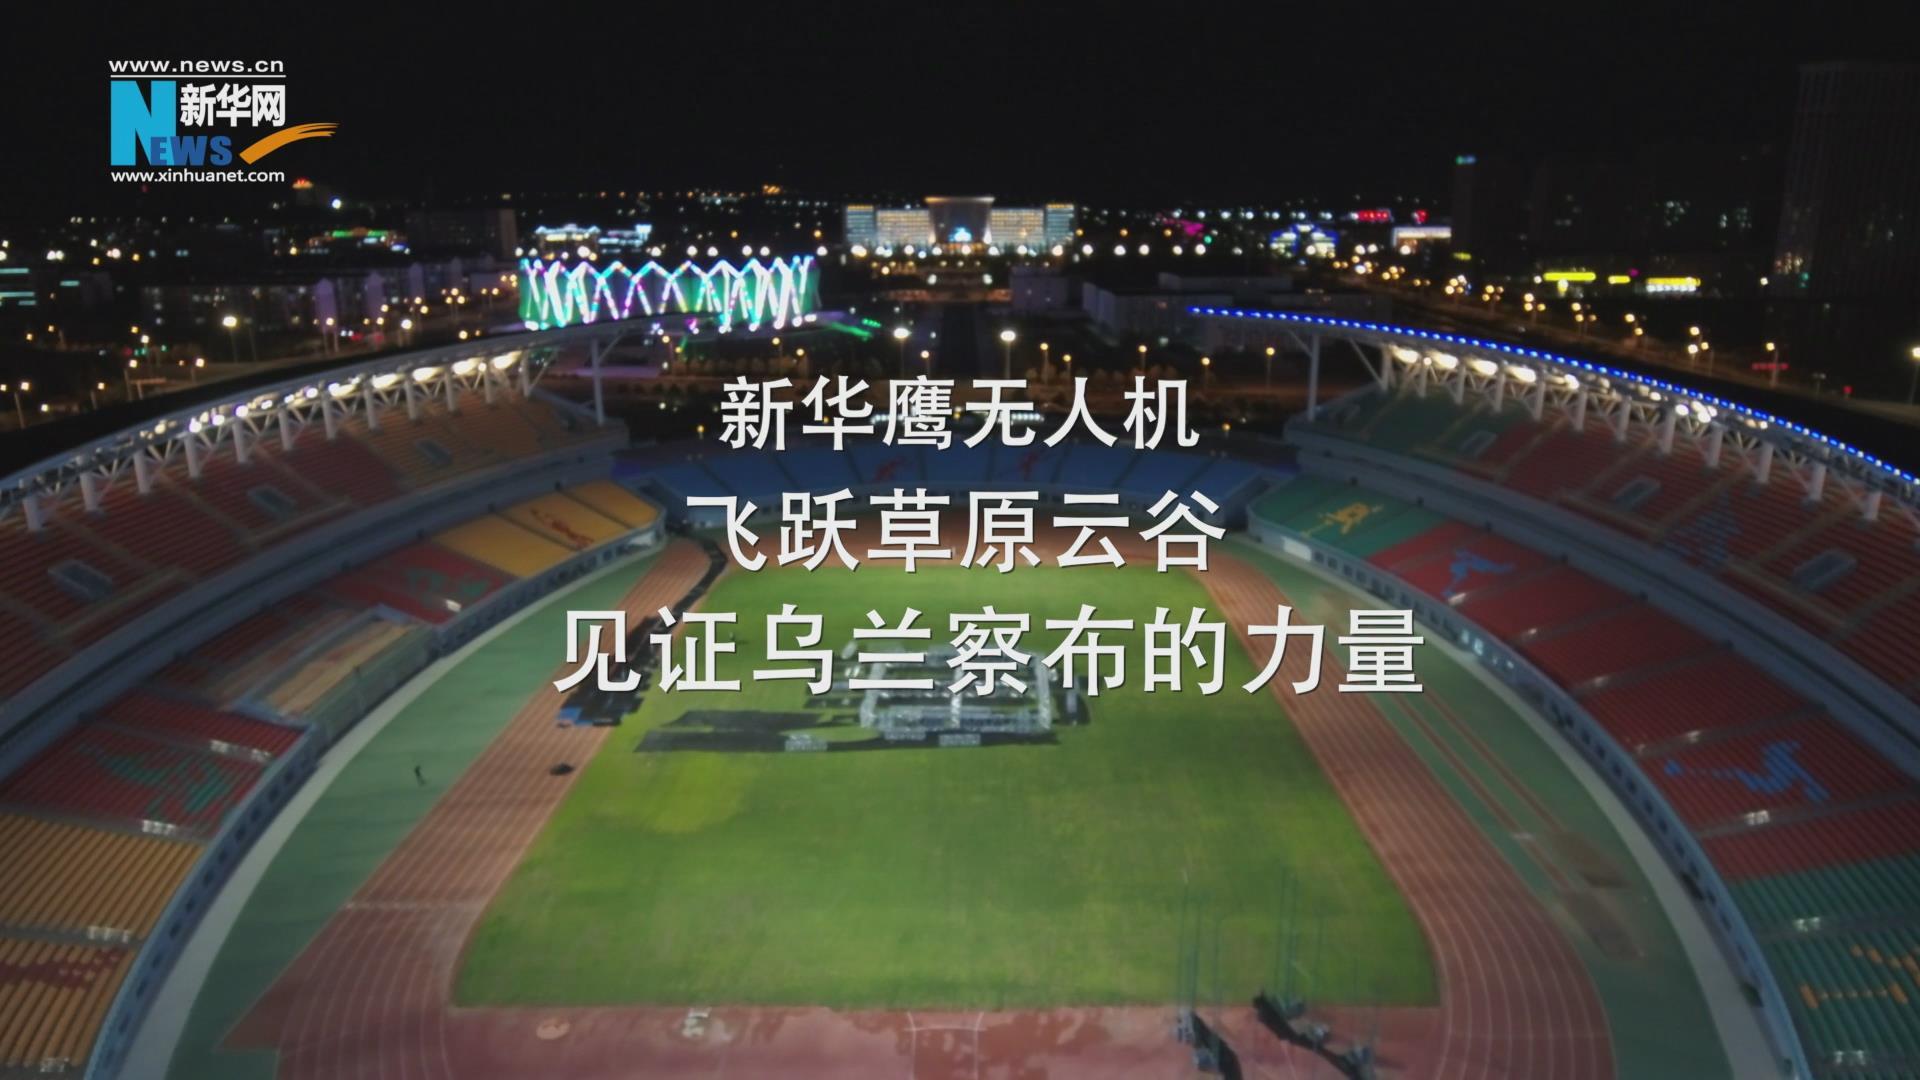 燃,新華鷹上演空中光影秀